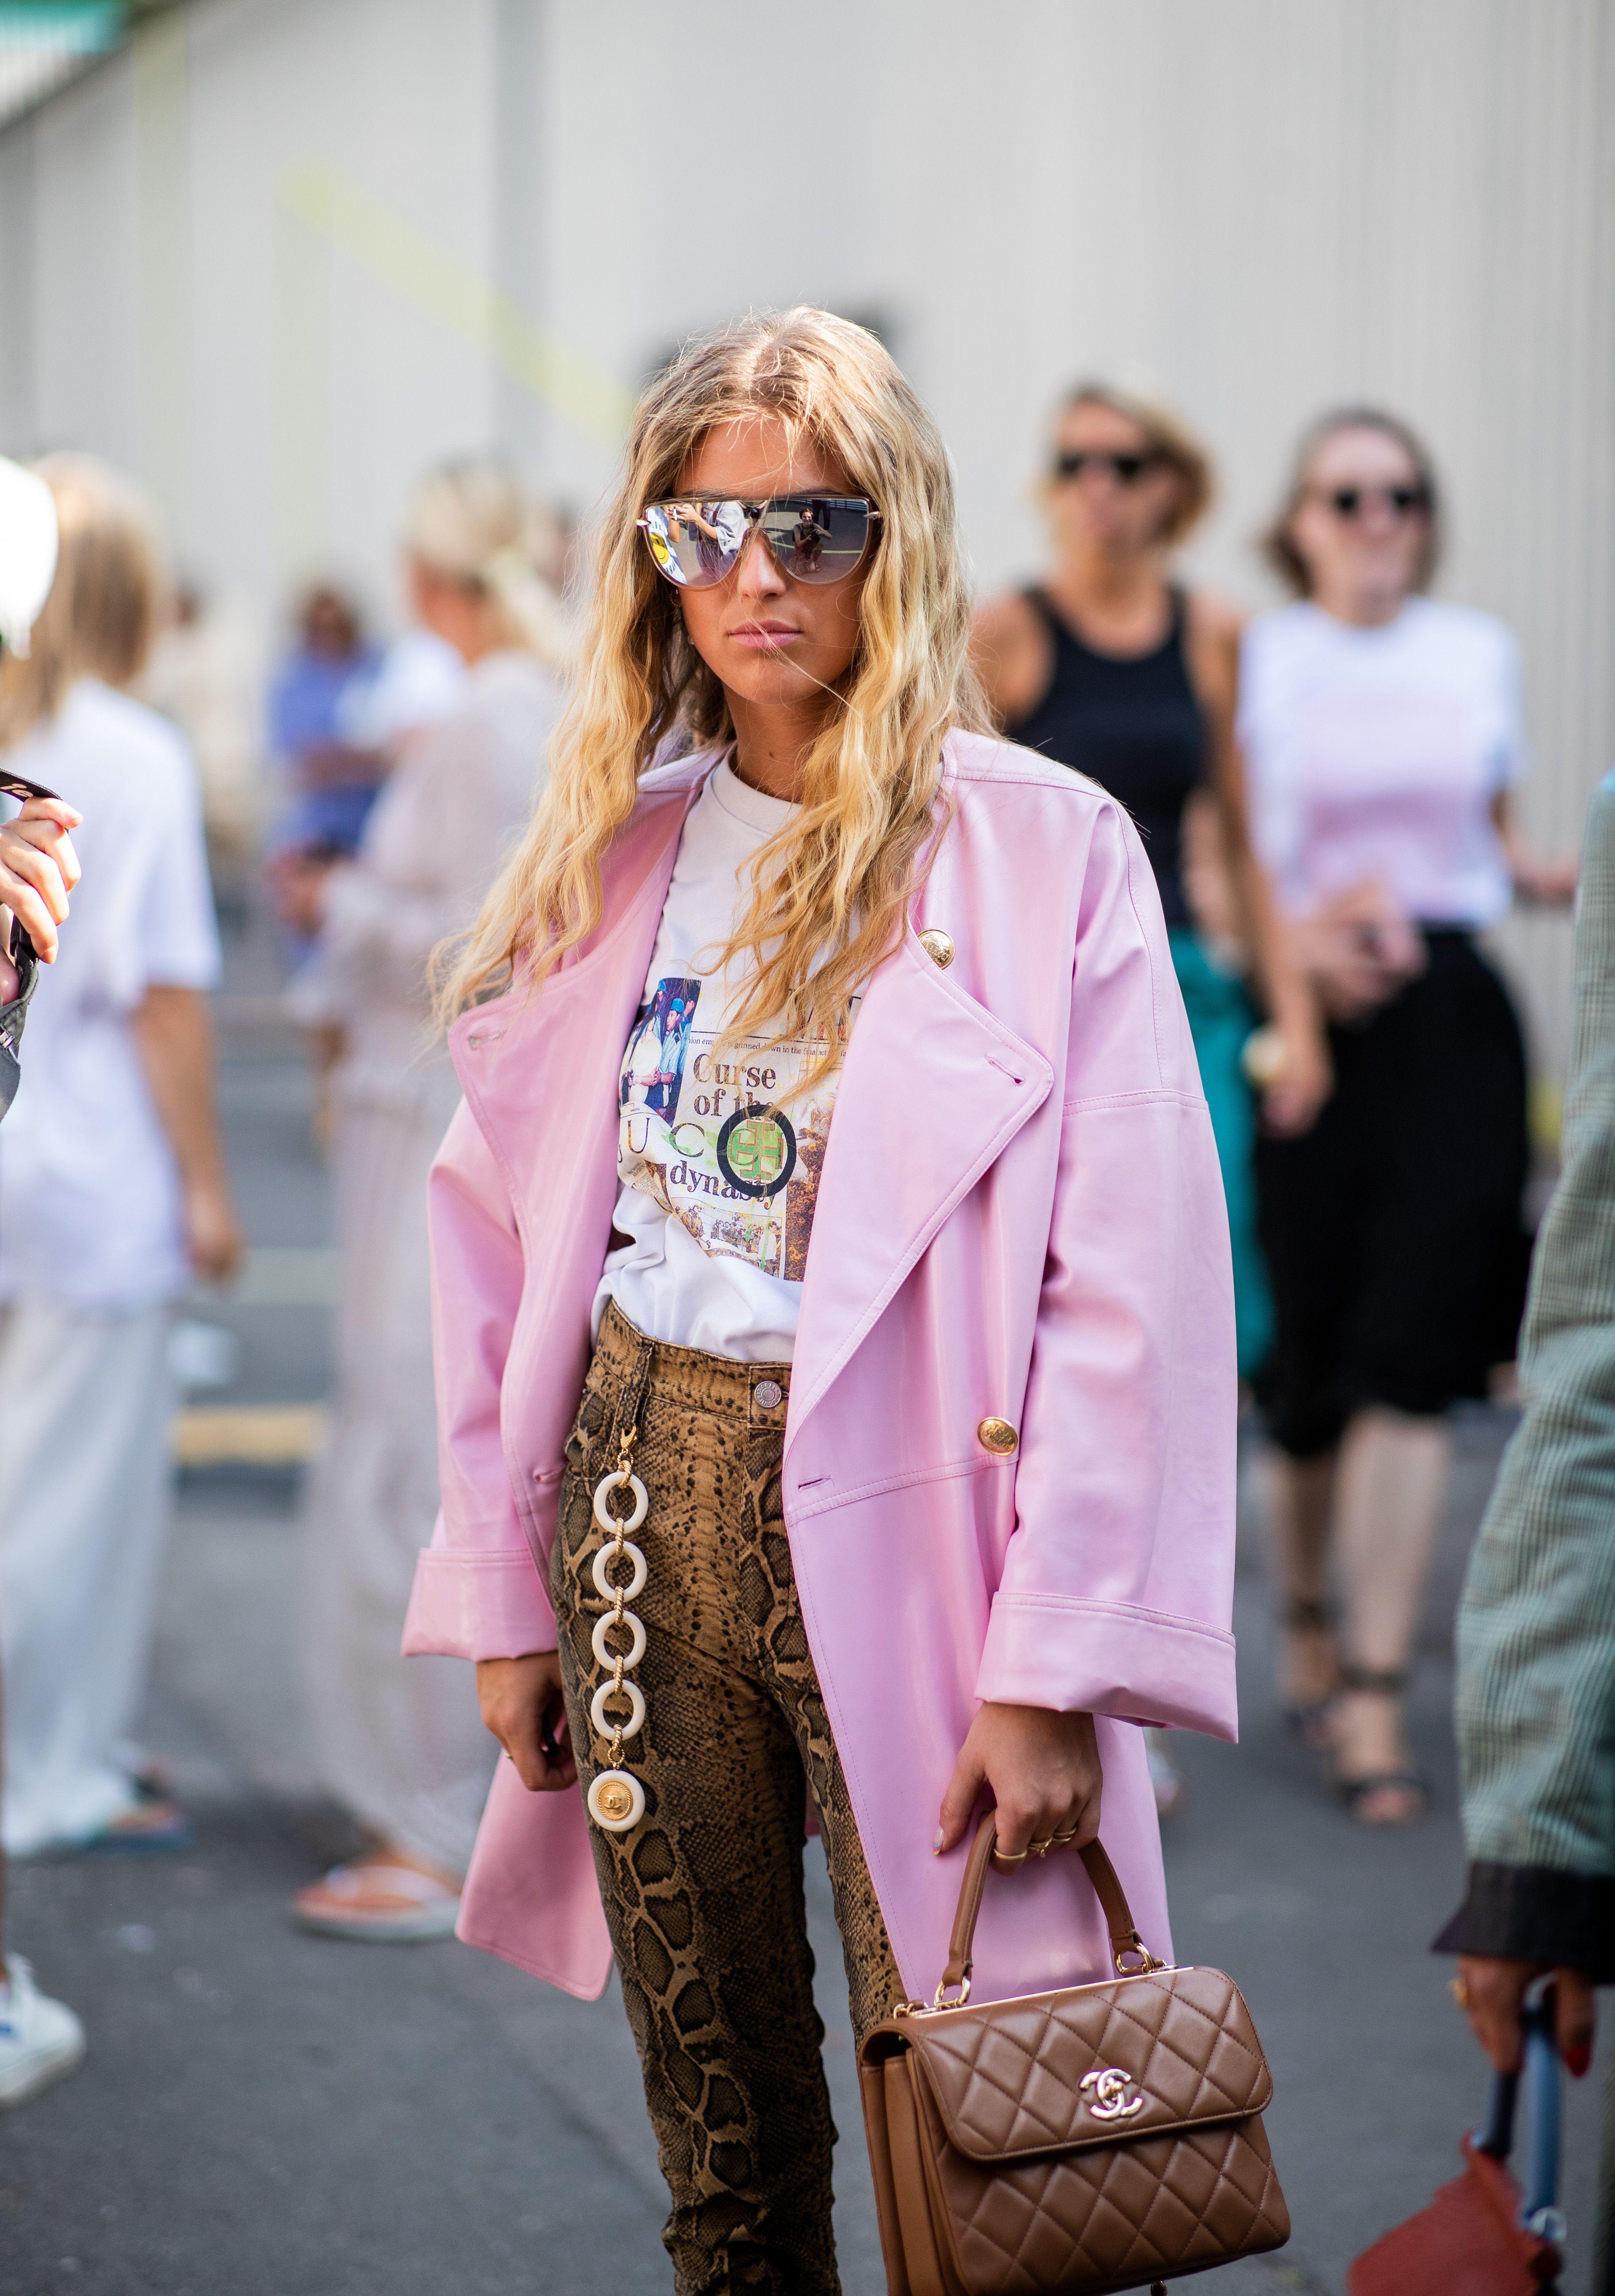 moda danese, streetstyleCopenhagen Fashion week 2019